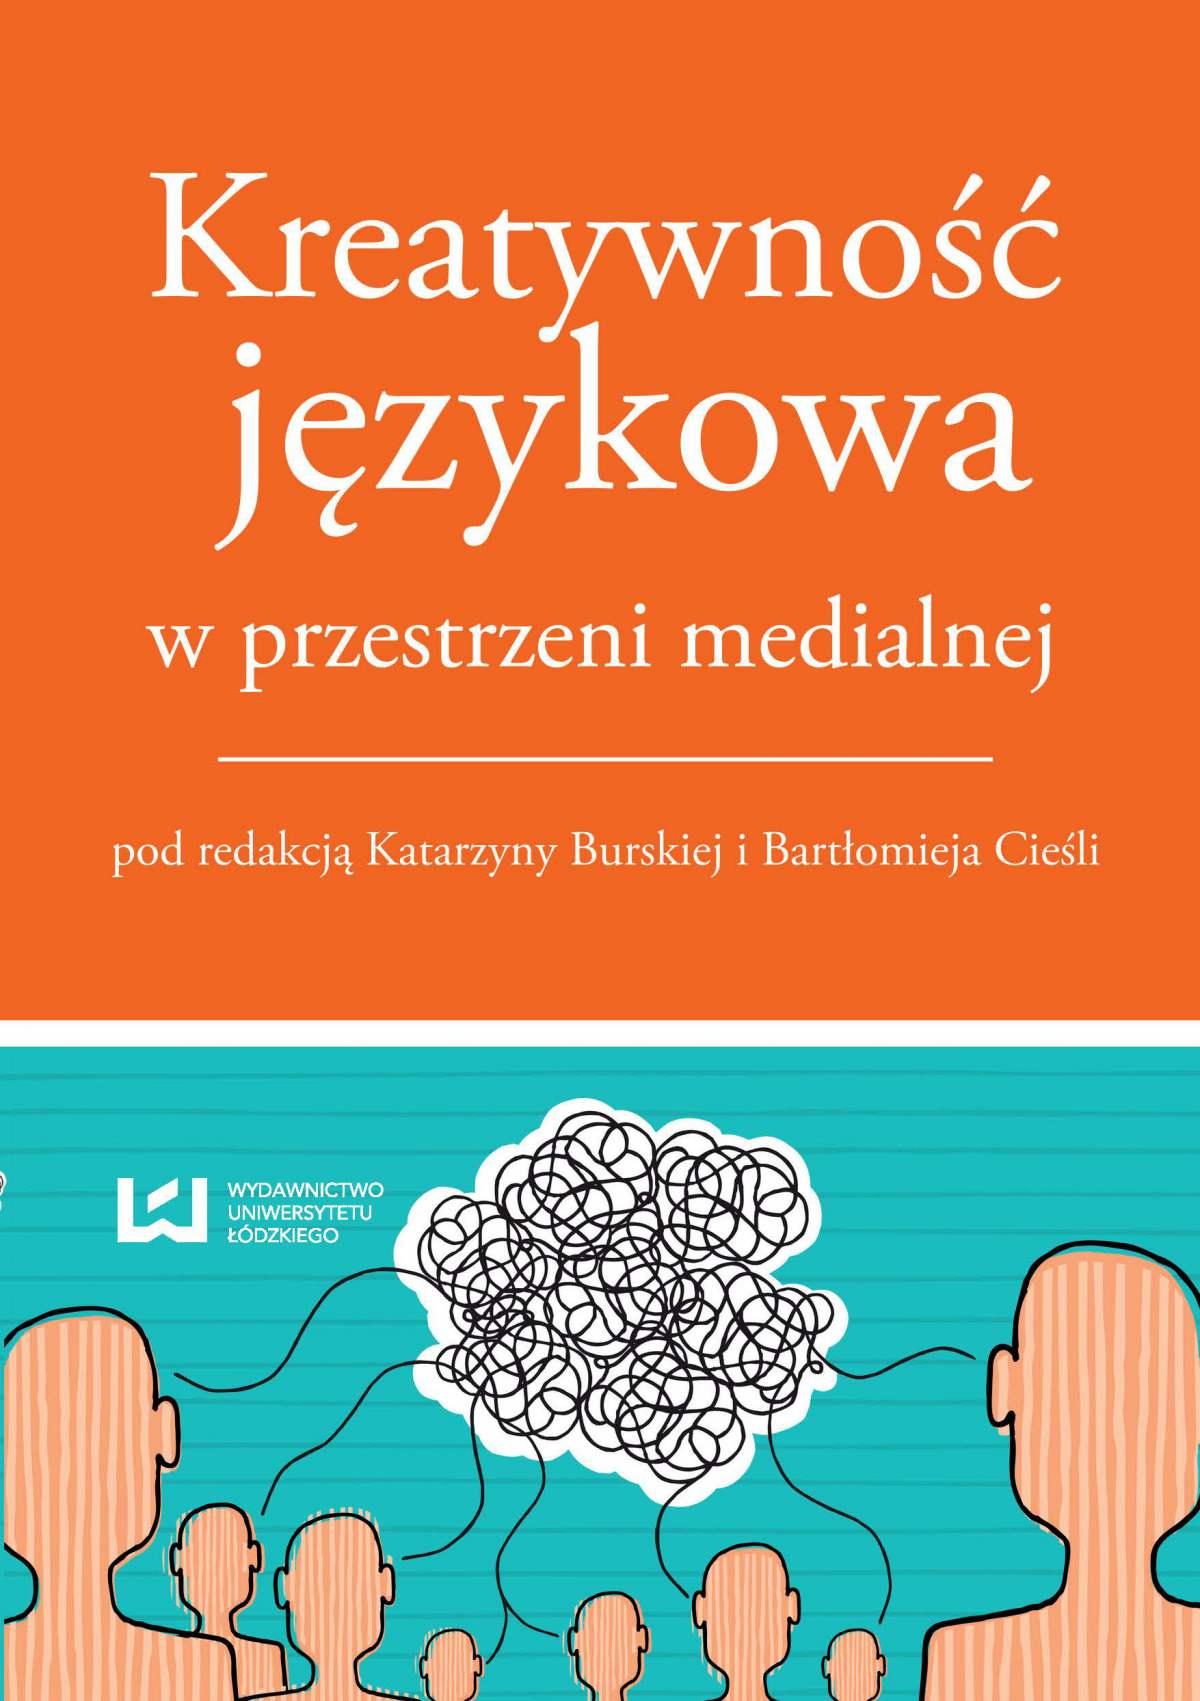 Kreatywność językowa w przestrzeni medialnej - Ebook (Książka na Kindle) do pobrania w formacie MOBI